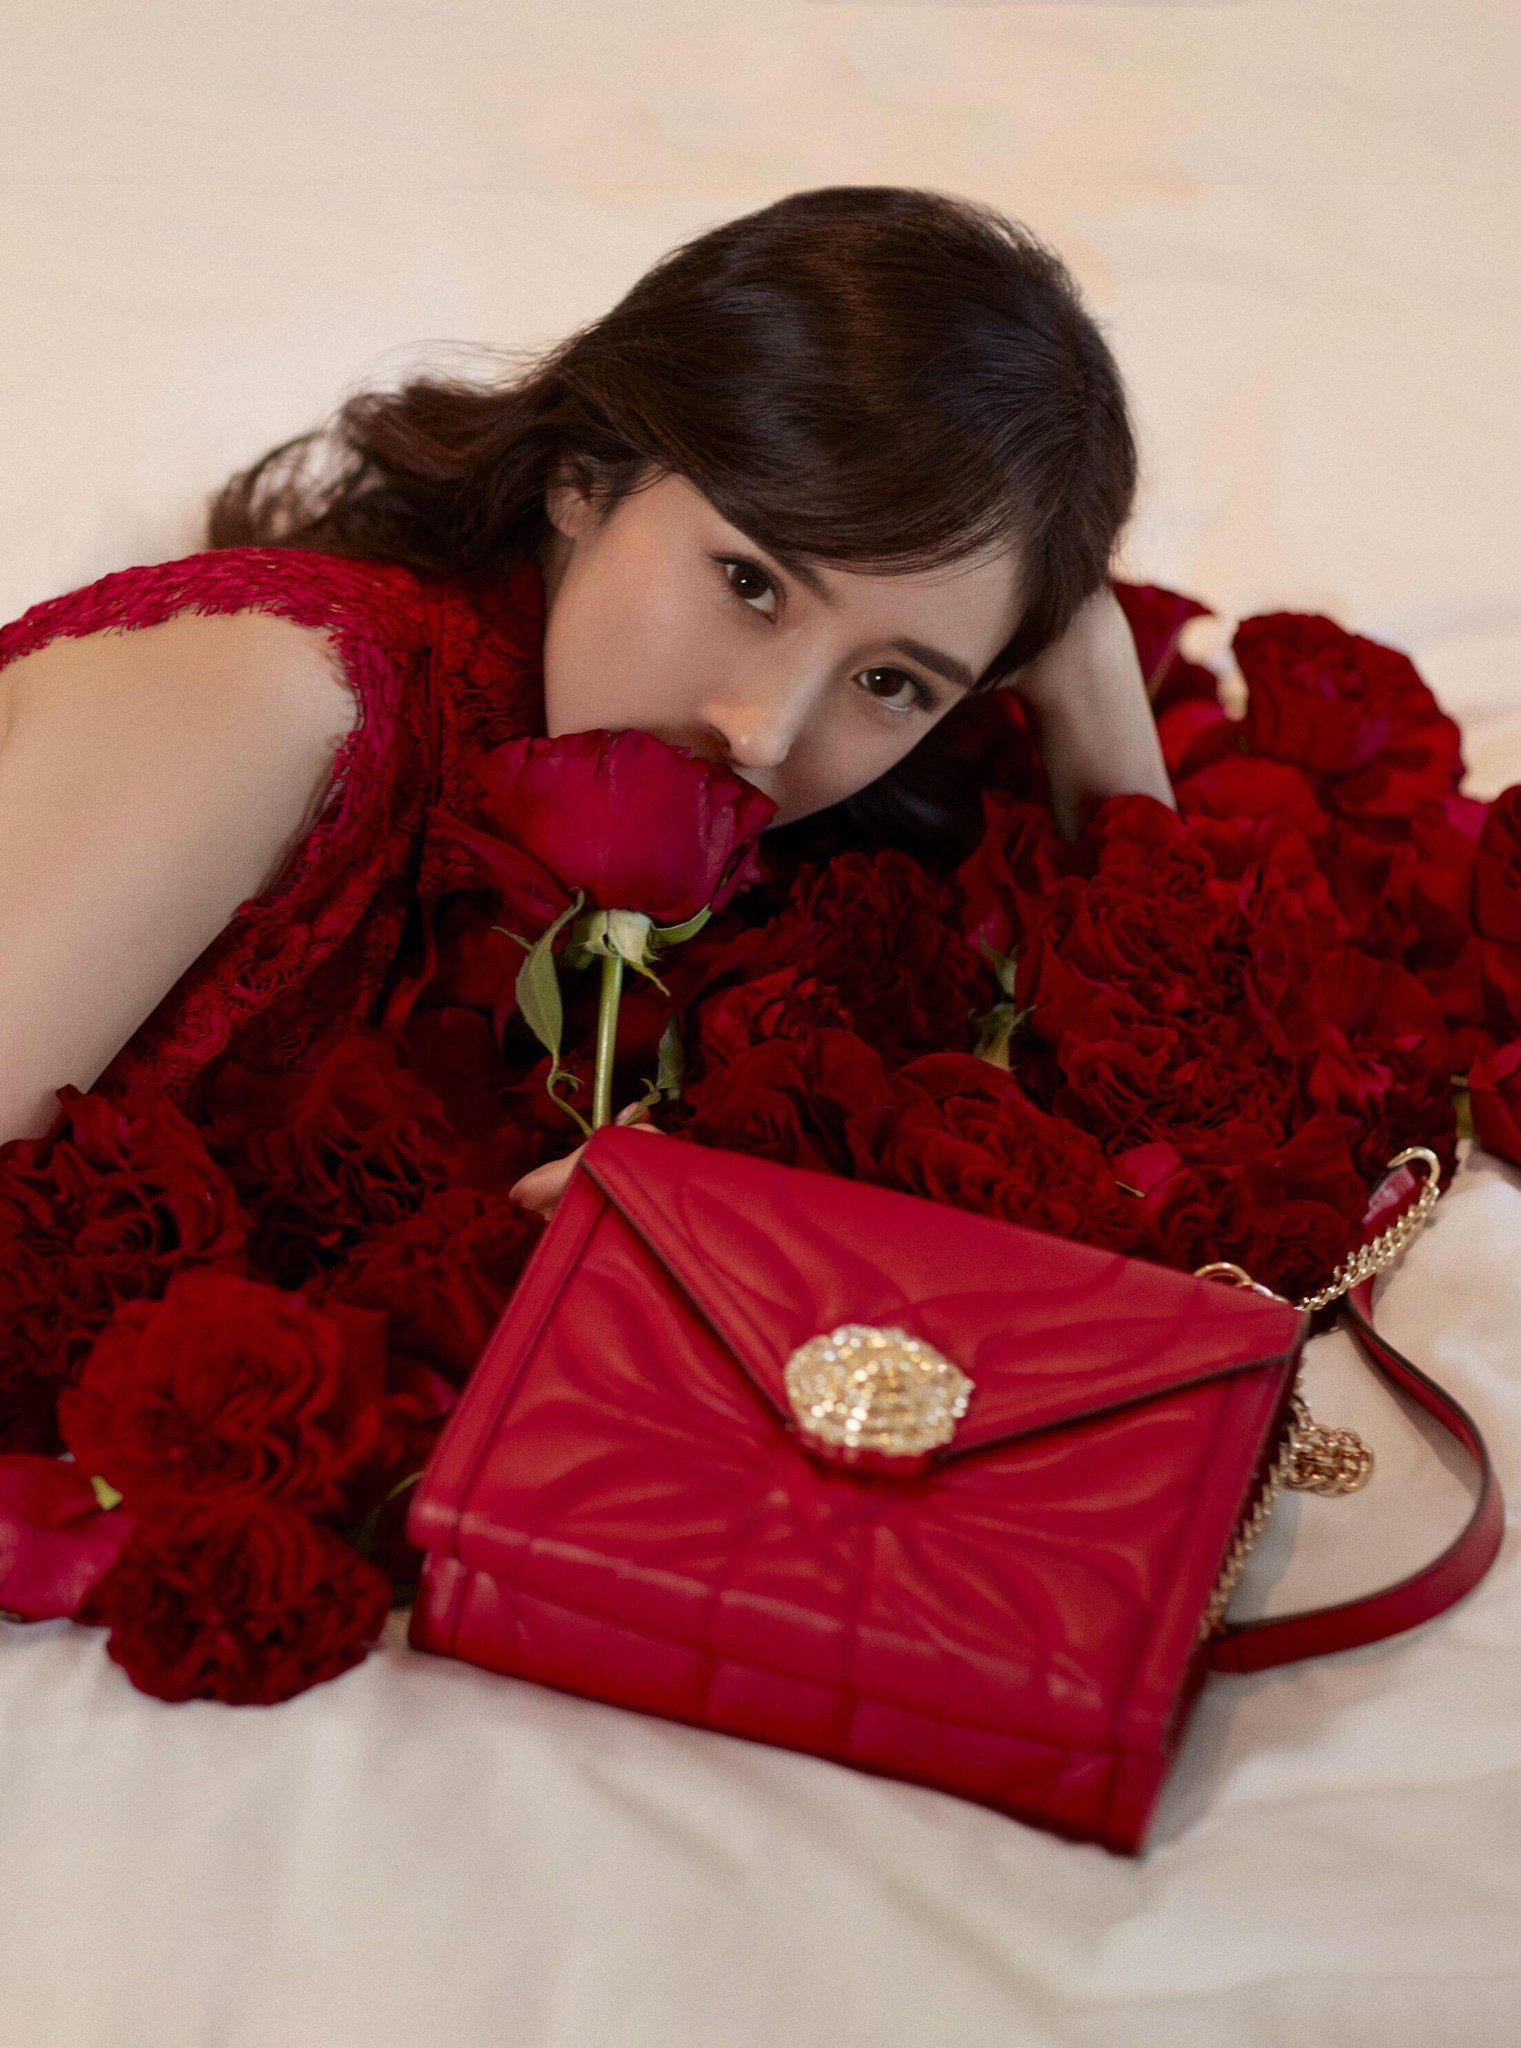 Giành được hợp đồng quảng cáo ngang hàng với Kendall Jenner, Dương Mịch vẫn bị chê thua thiệt về thần thái, chiều cao - Ảnh 4.